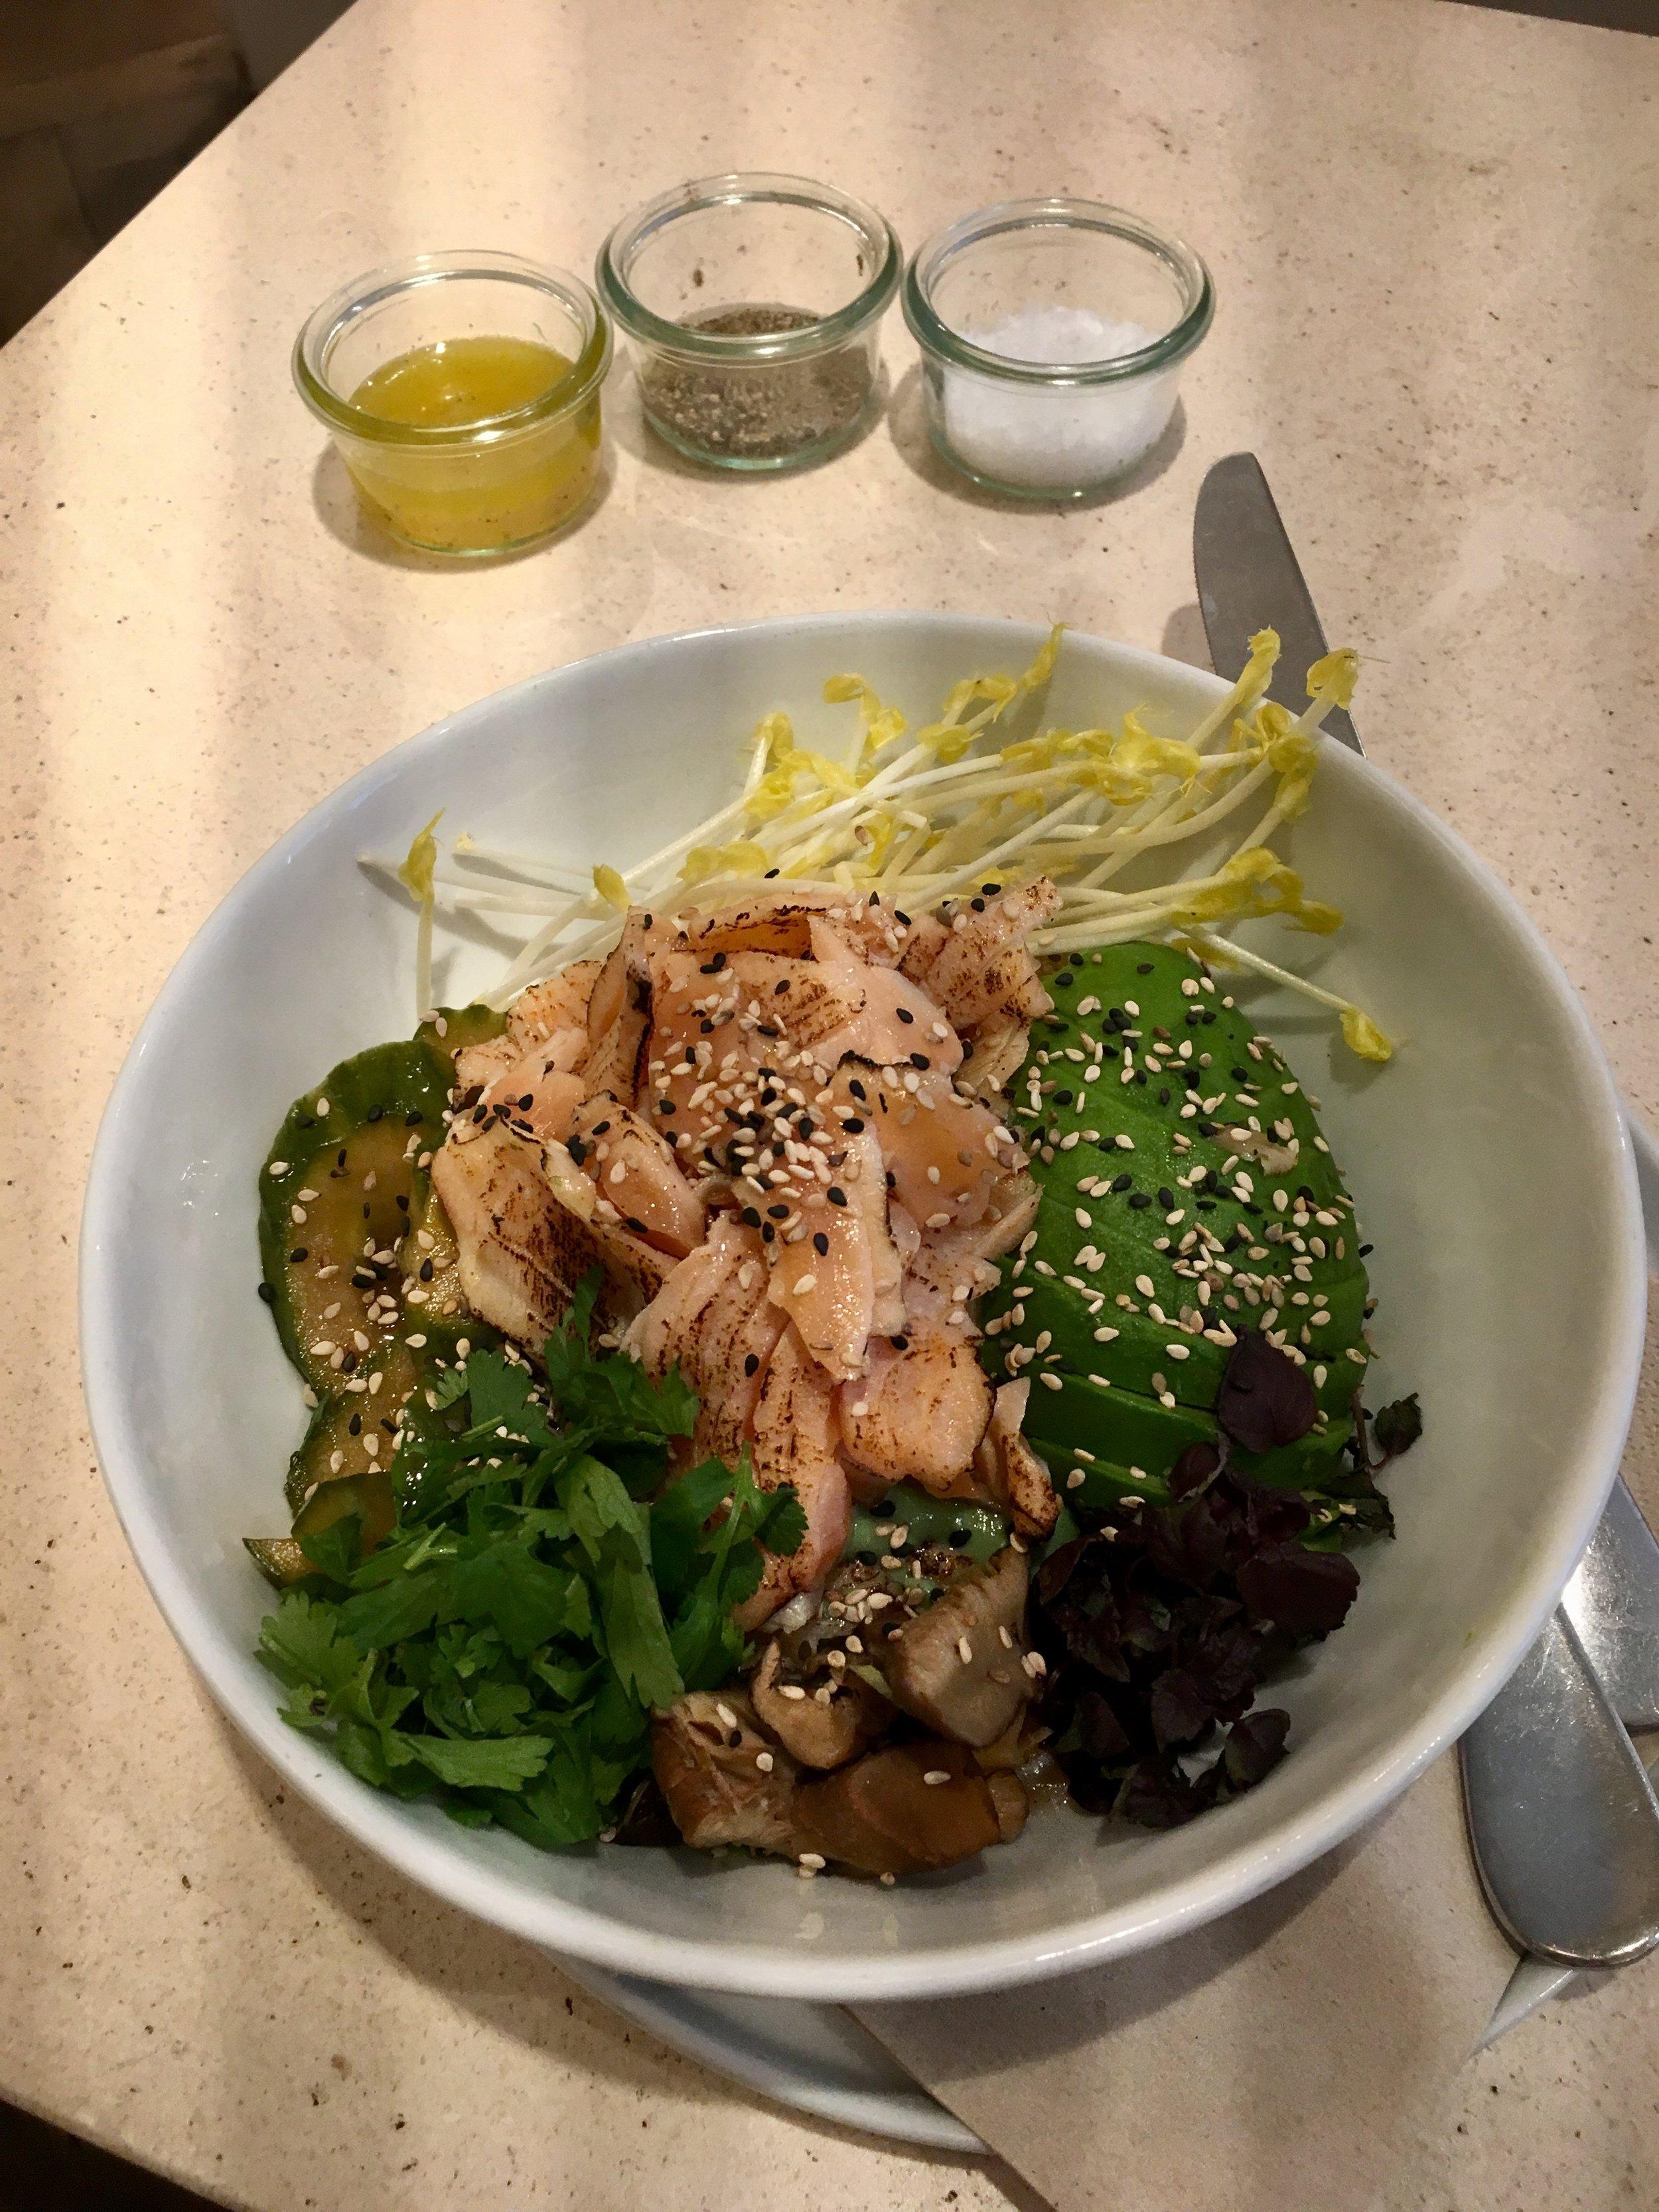 Seared salmon sashimi, avocado and some fermented stuff on quinoa at Daluma.